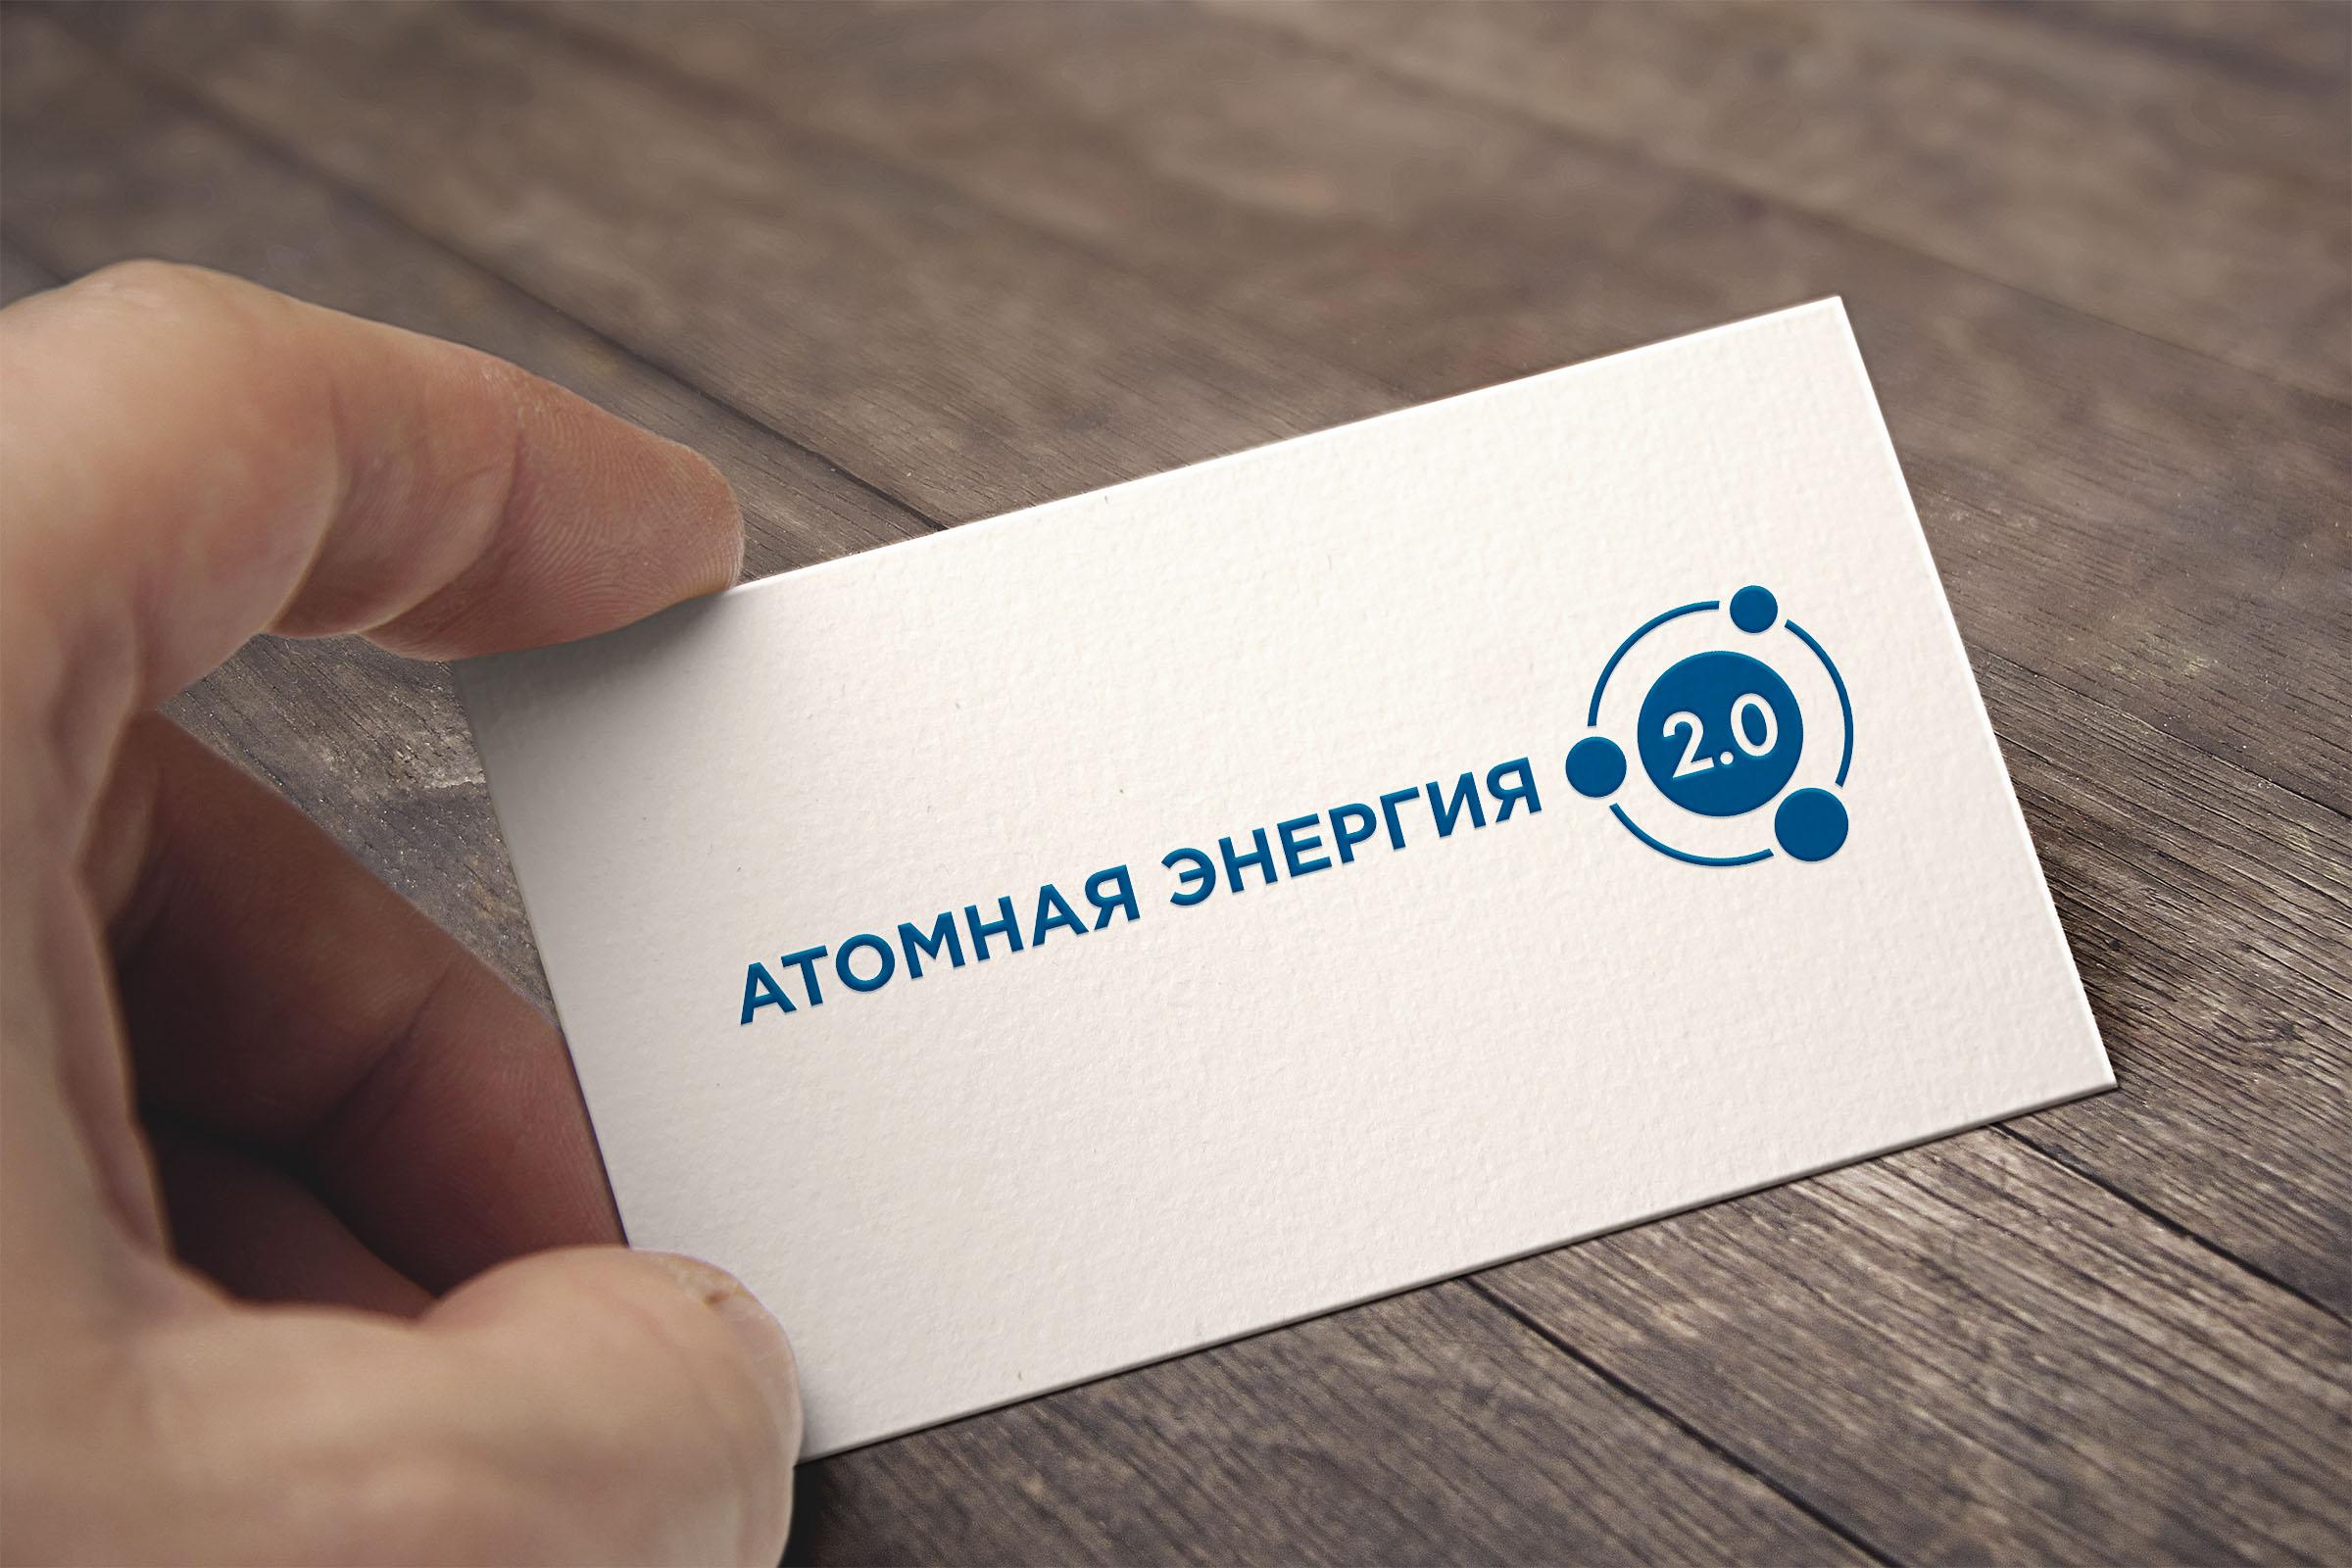 """Фирменный стиль для научного портала """"Атомная энергия 2.0"""" фото f_1795a0566d26485f.jpg"""